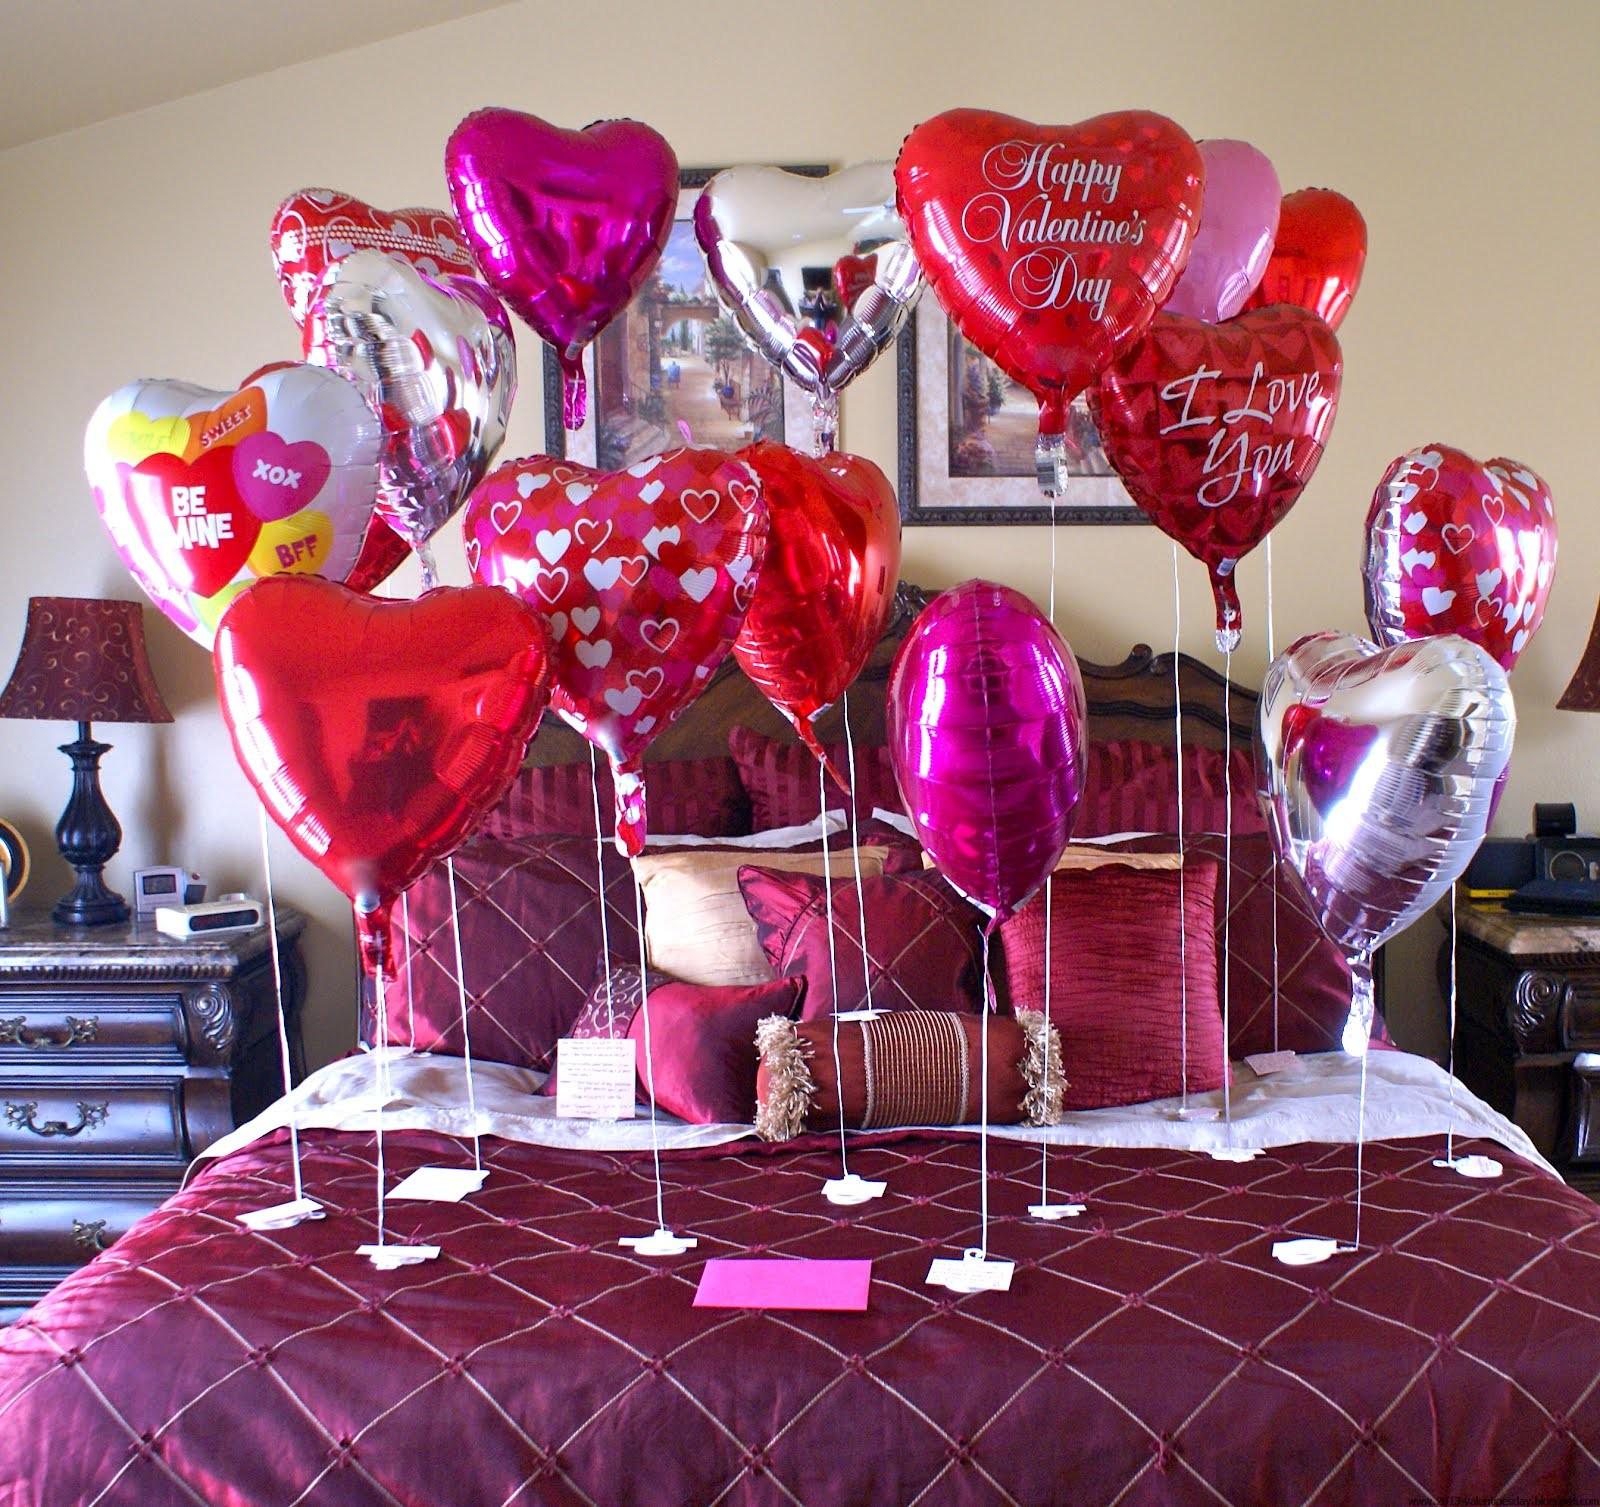 valentine's day bed decoration ideas   Valentine's Day